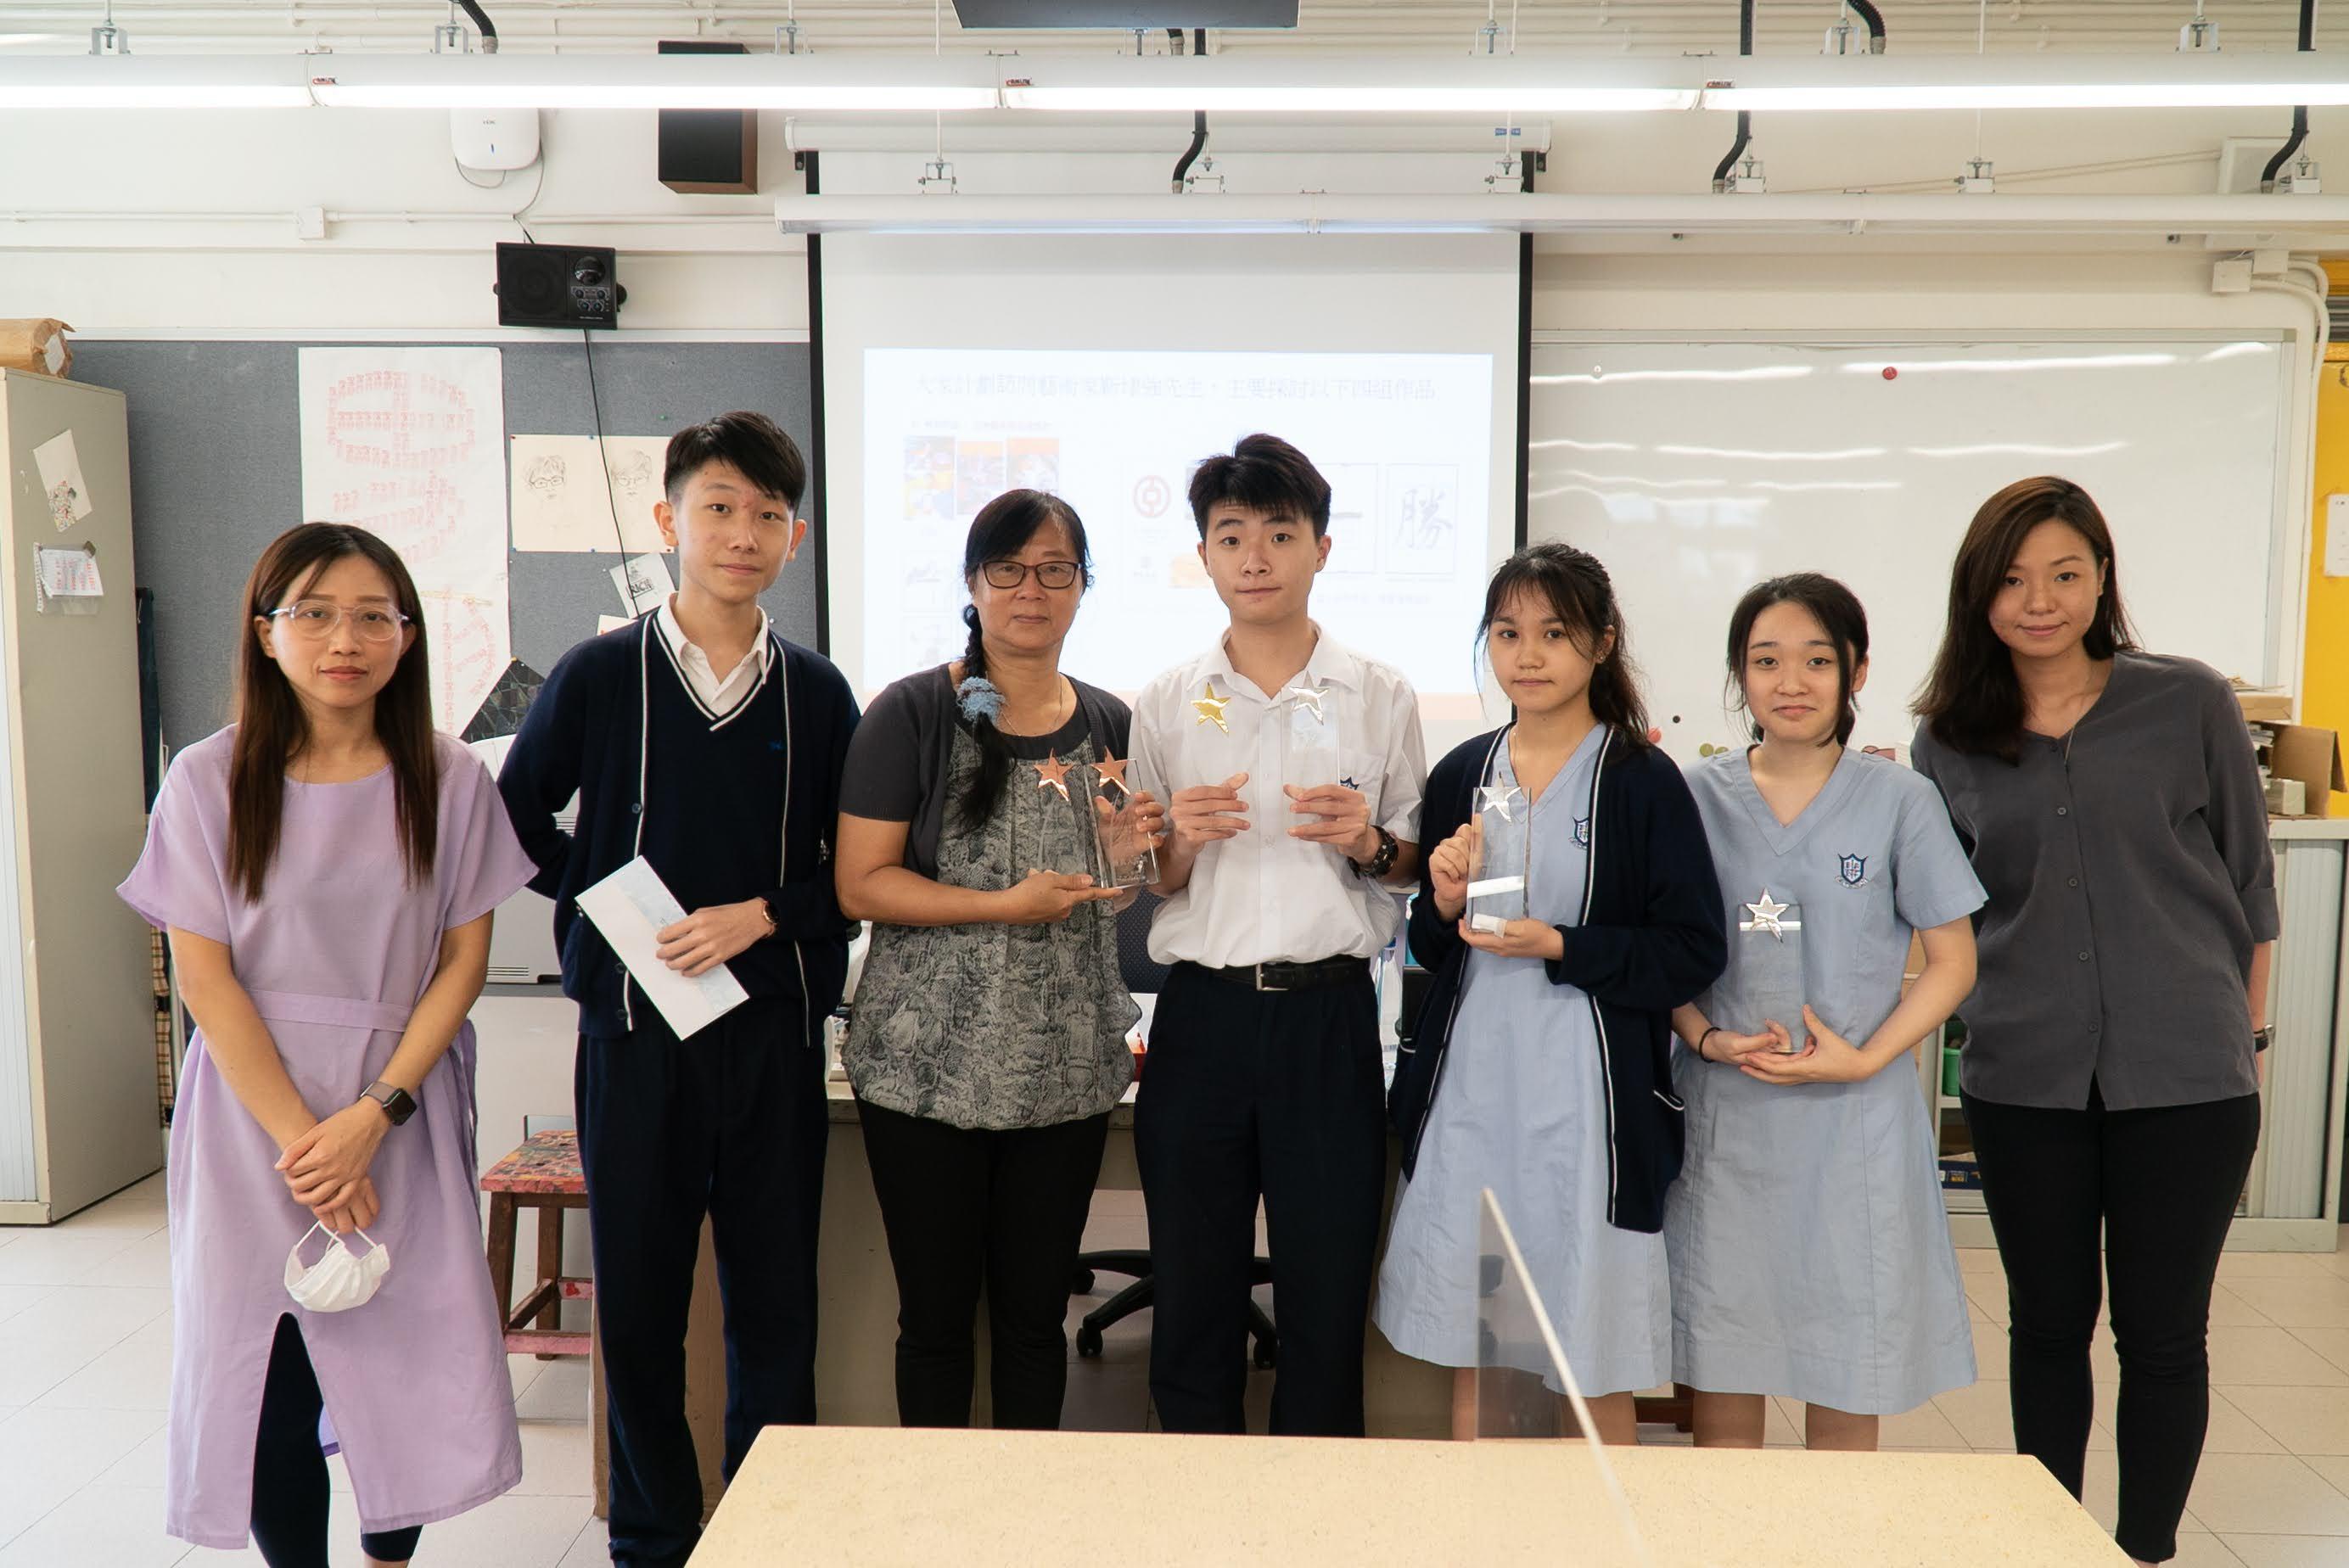 九龍樂善堂轄屬中學校服設計比賽